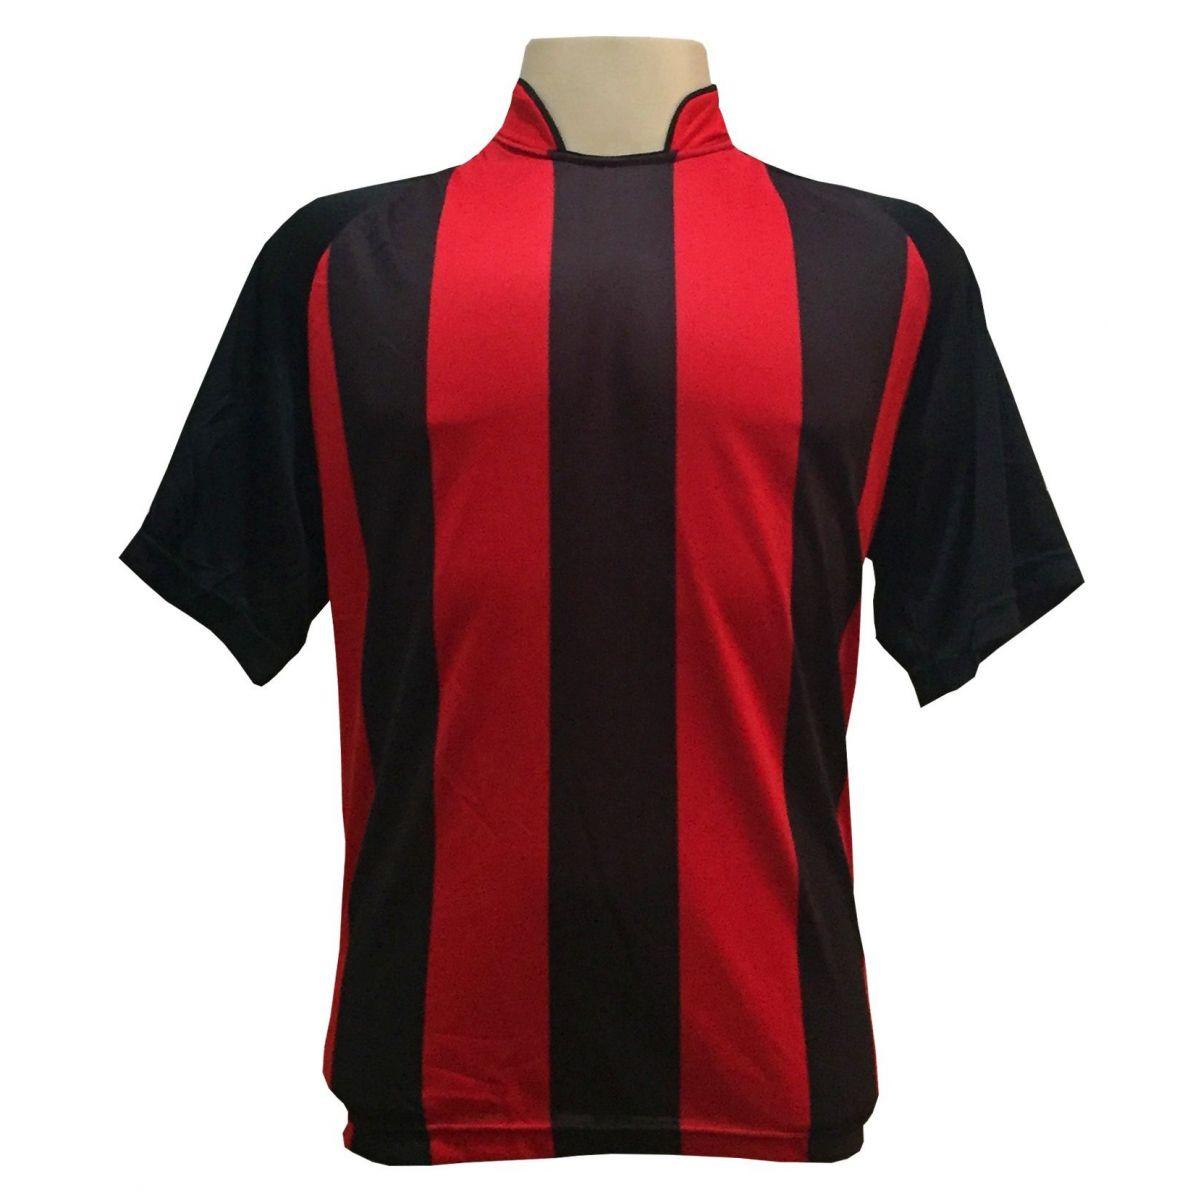 Uniforme Esportivo com 20 camisas modelo Milan Preto/Vermelho + 20 calções modelo Copa Preto/Vermelho + Brindes